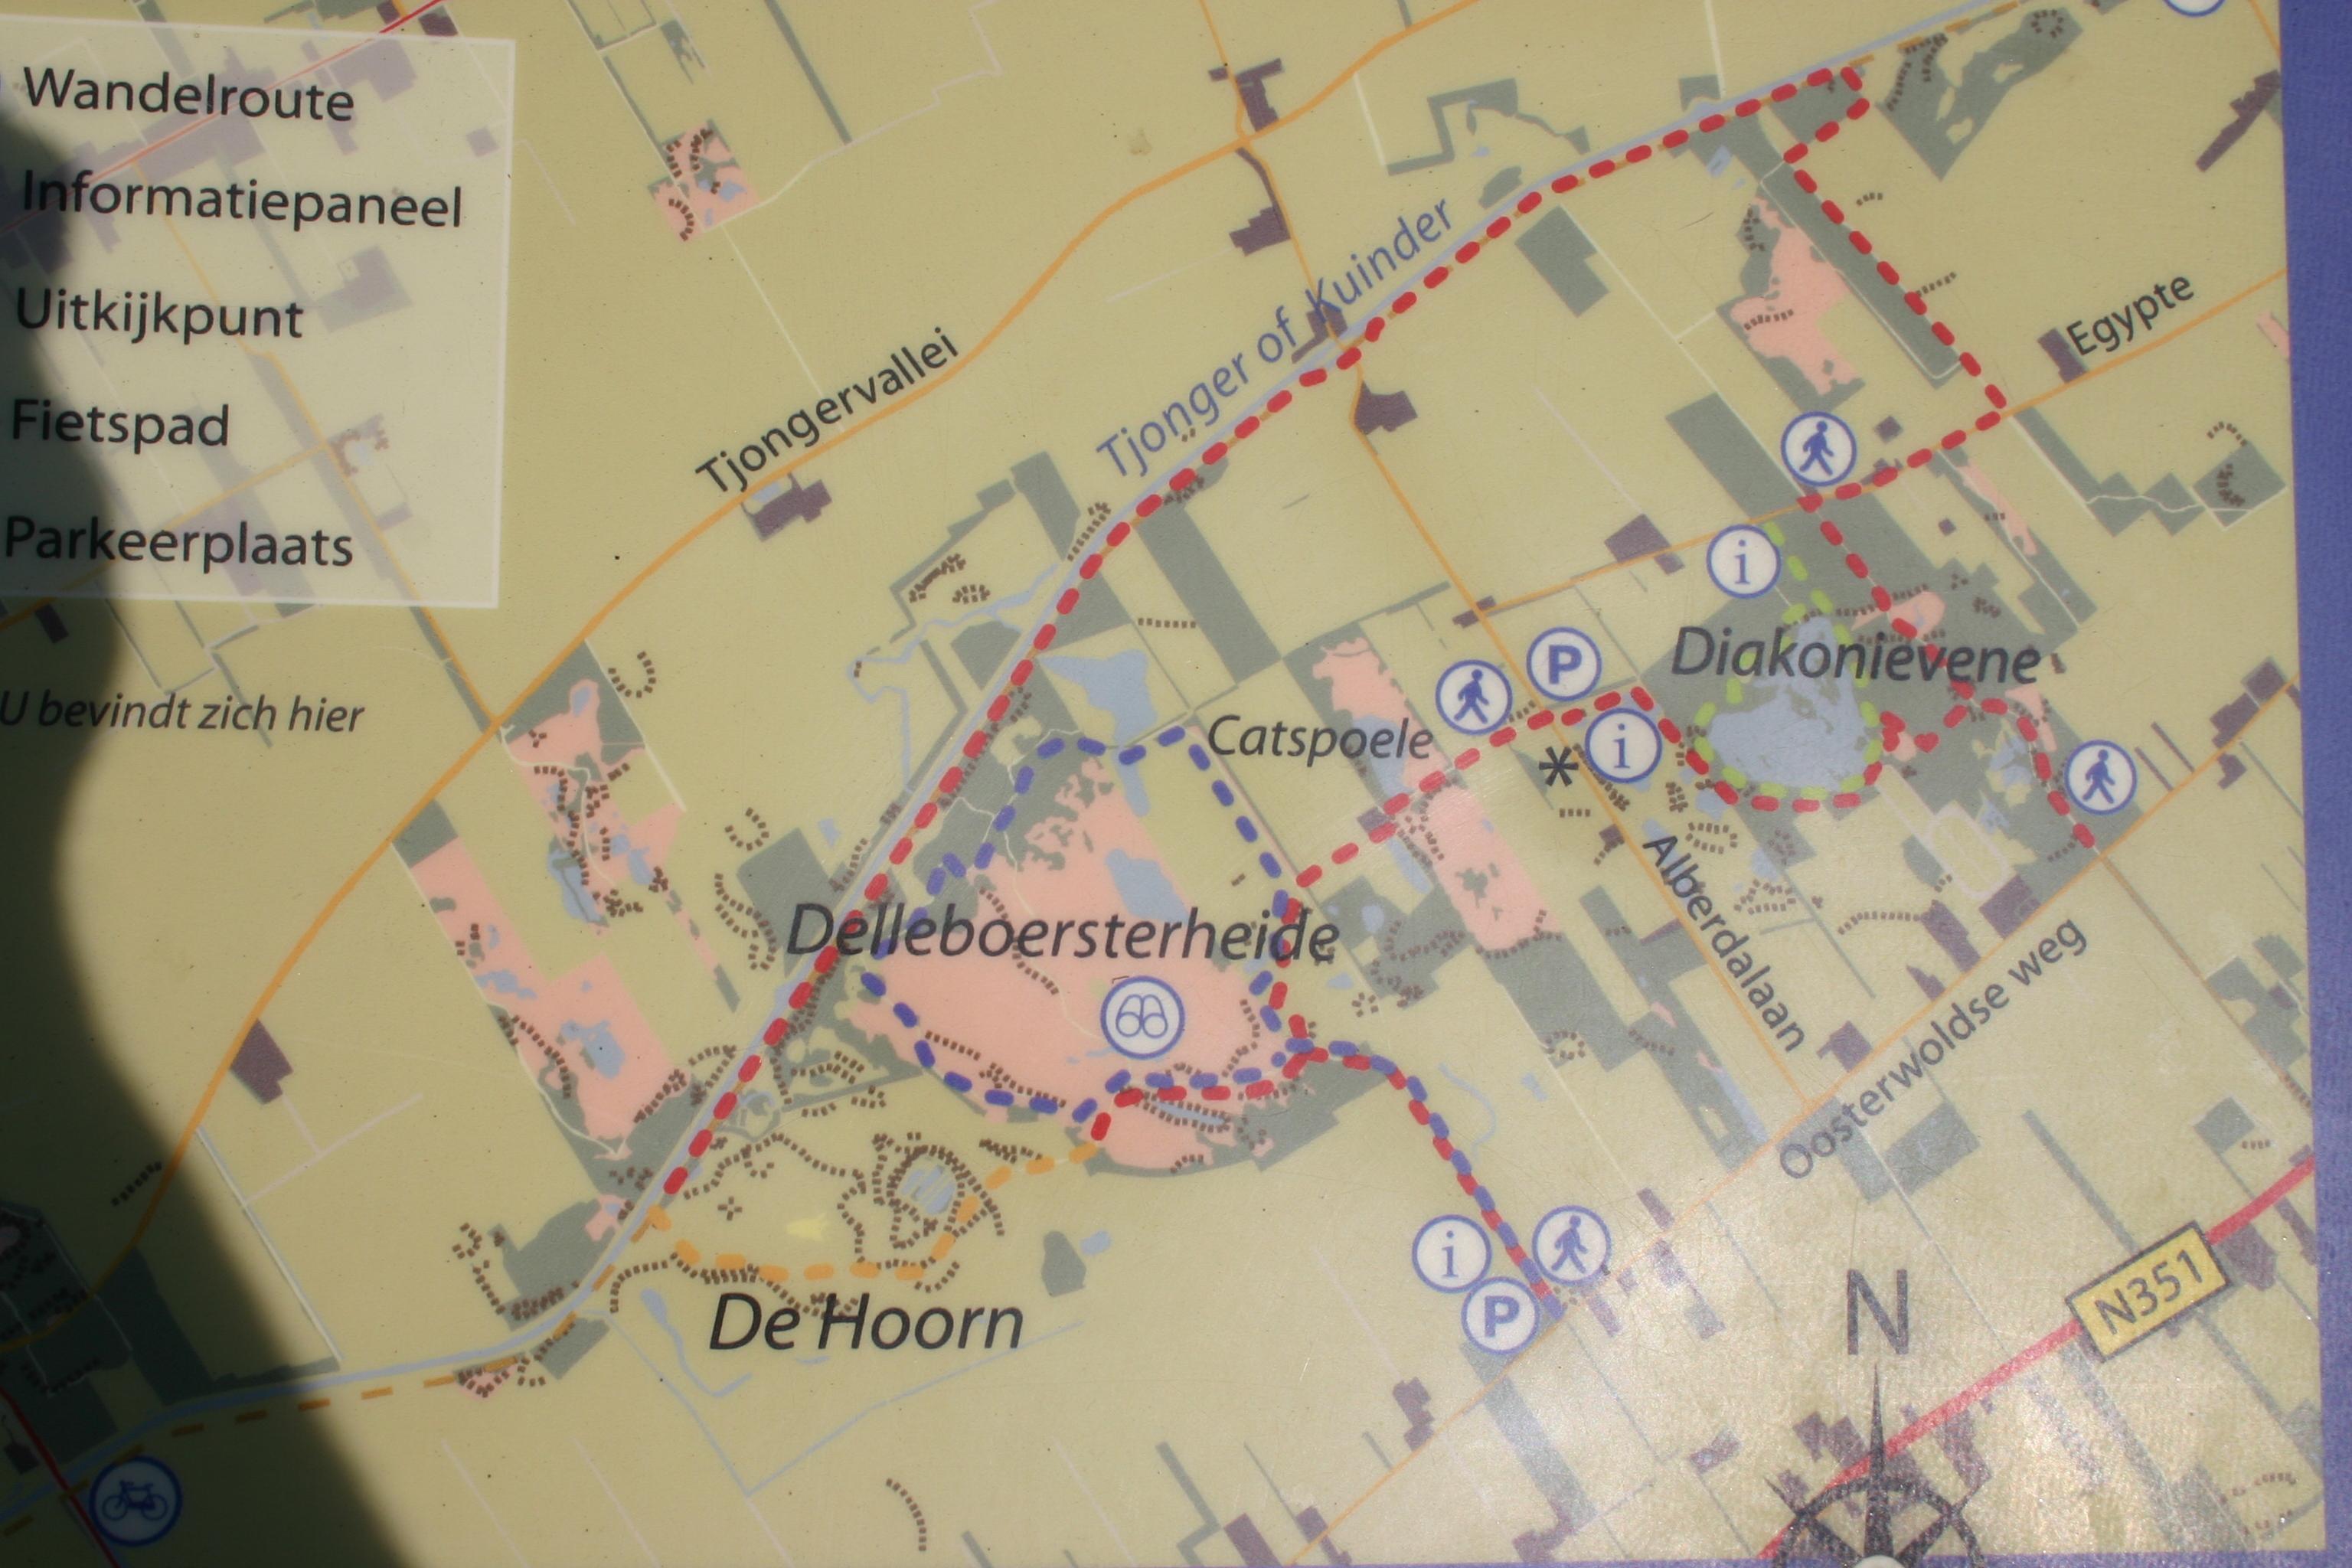 97. Infermaosiebod Fryske Gea – StellingPlus.nl